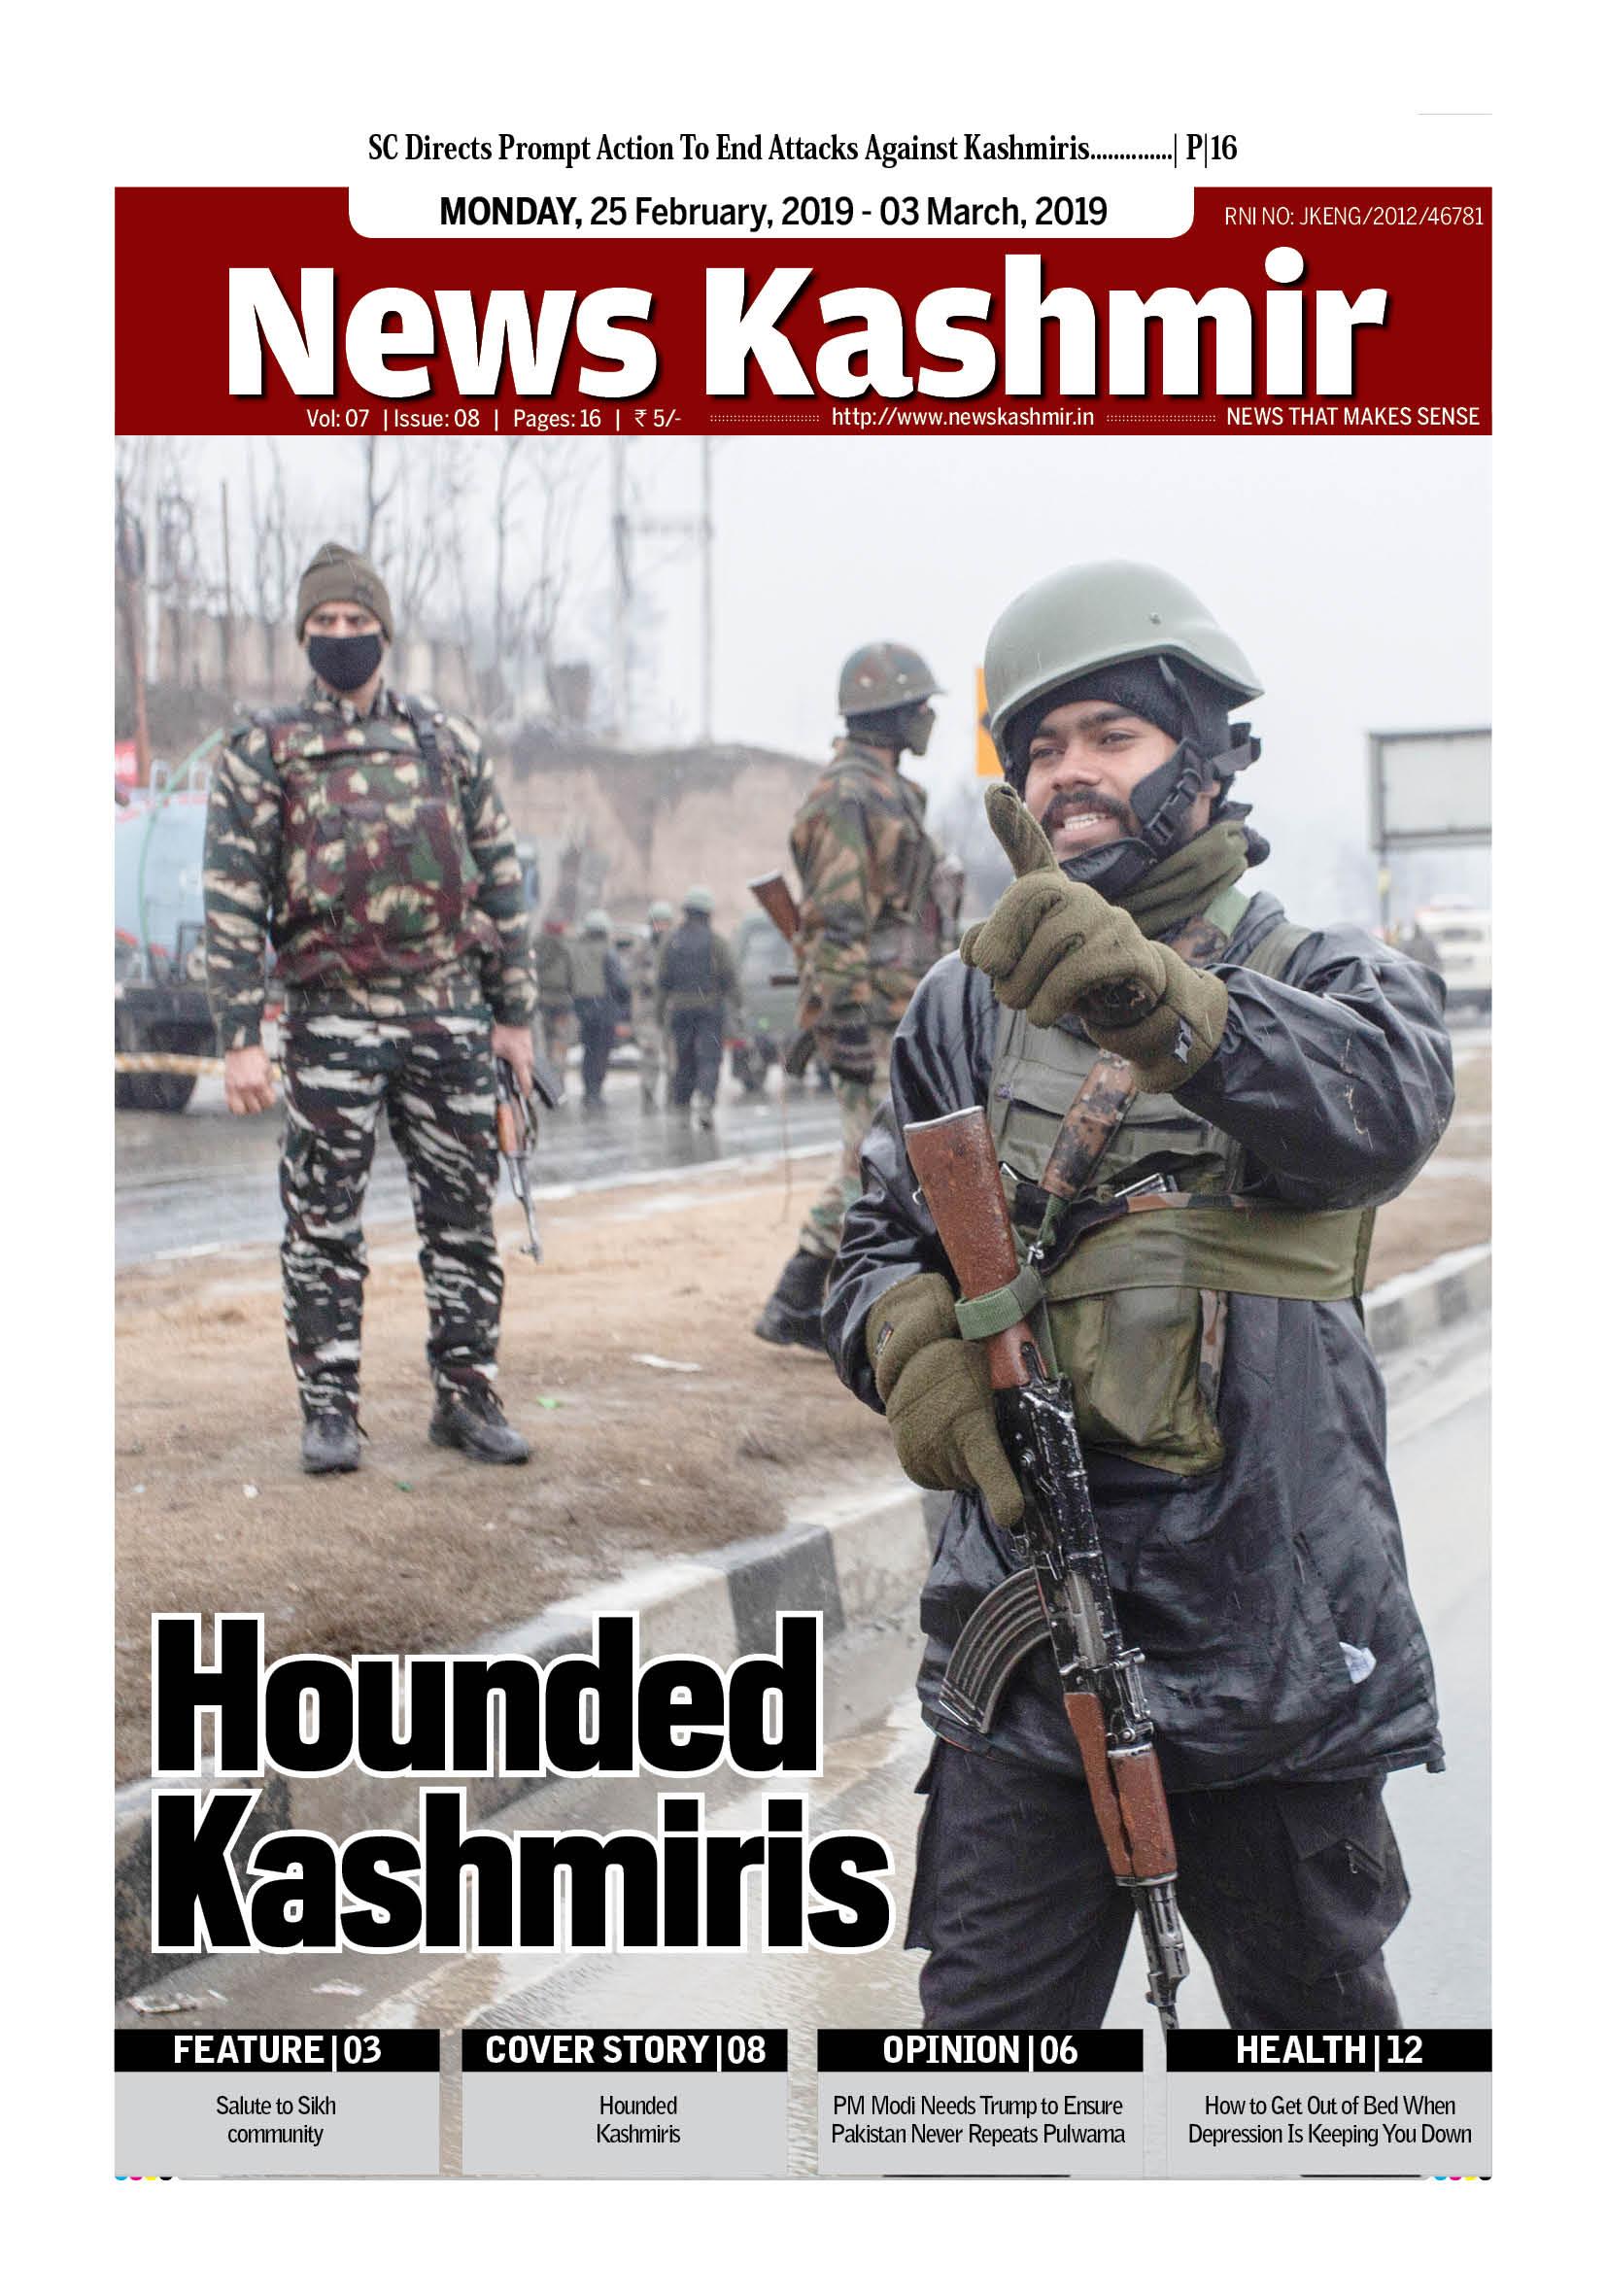 Hounded Kashmiris